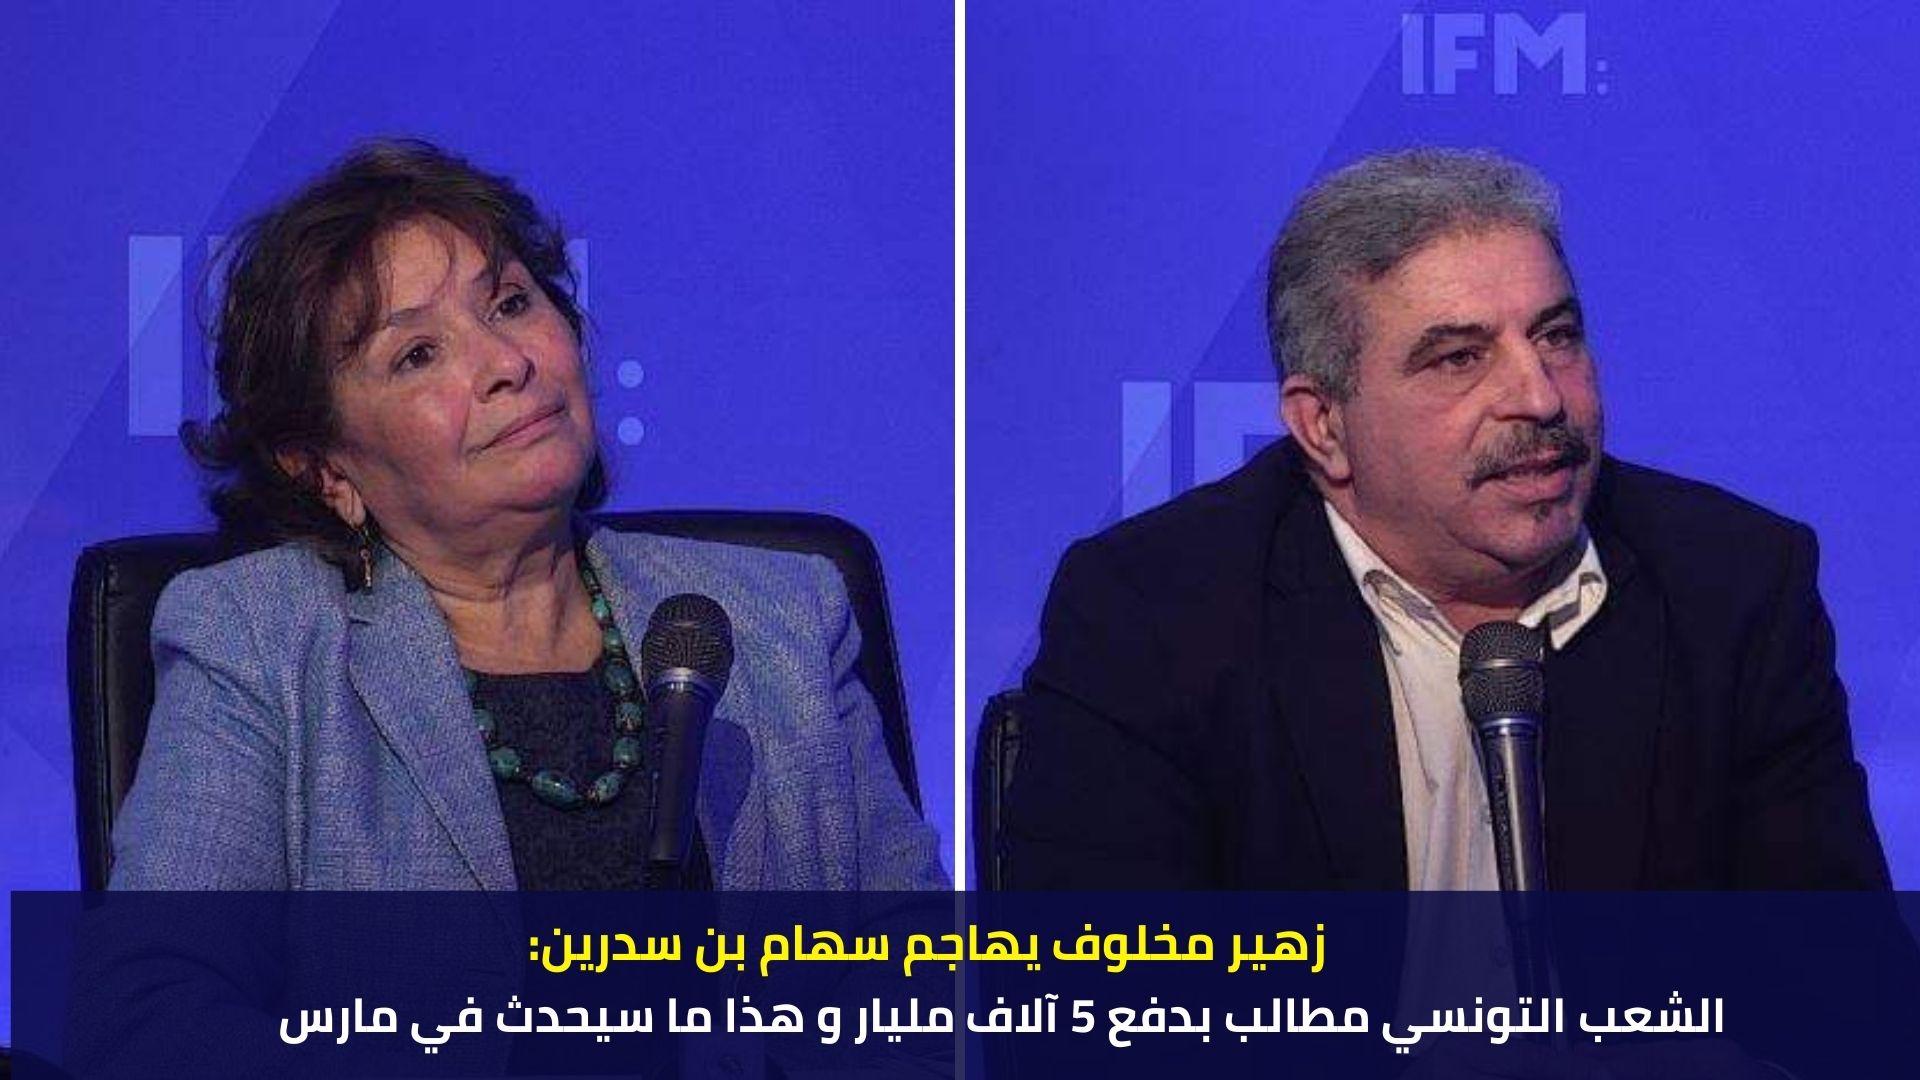 زهير مخلوف يهاجم سهام بن سدرين : الشعب التونسي مطالب بدفع 5 آلاف مليار و هذا ما سيحدث في مارس